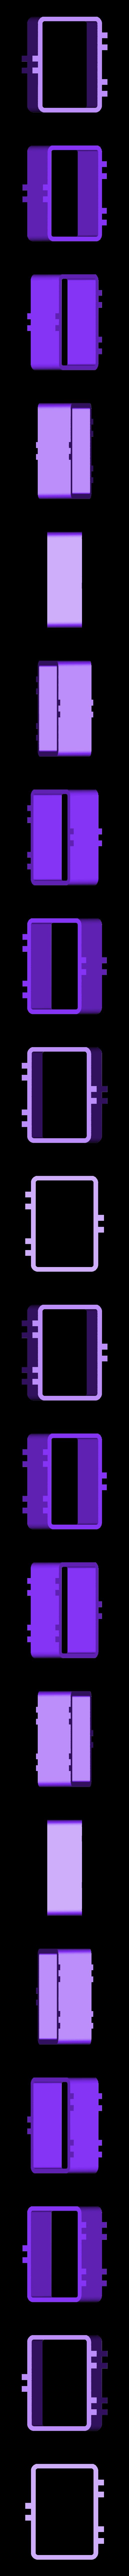 LFS_SandcastP2.STL Télécharger fichier STL gratuit DIY Sand casting kit • Objet pour imprimante 3D, leFabShop